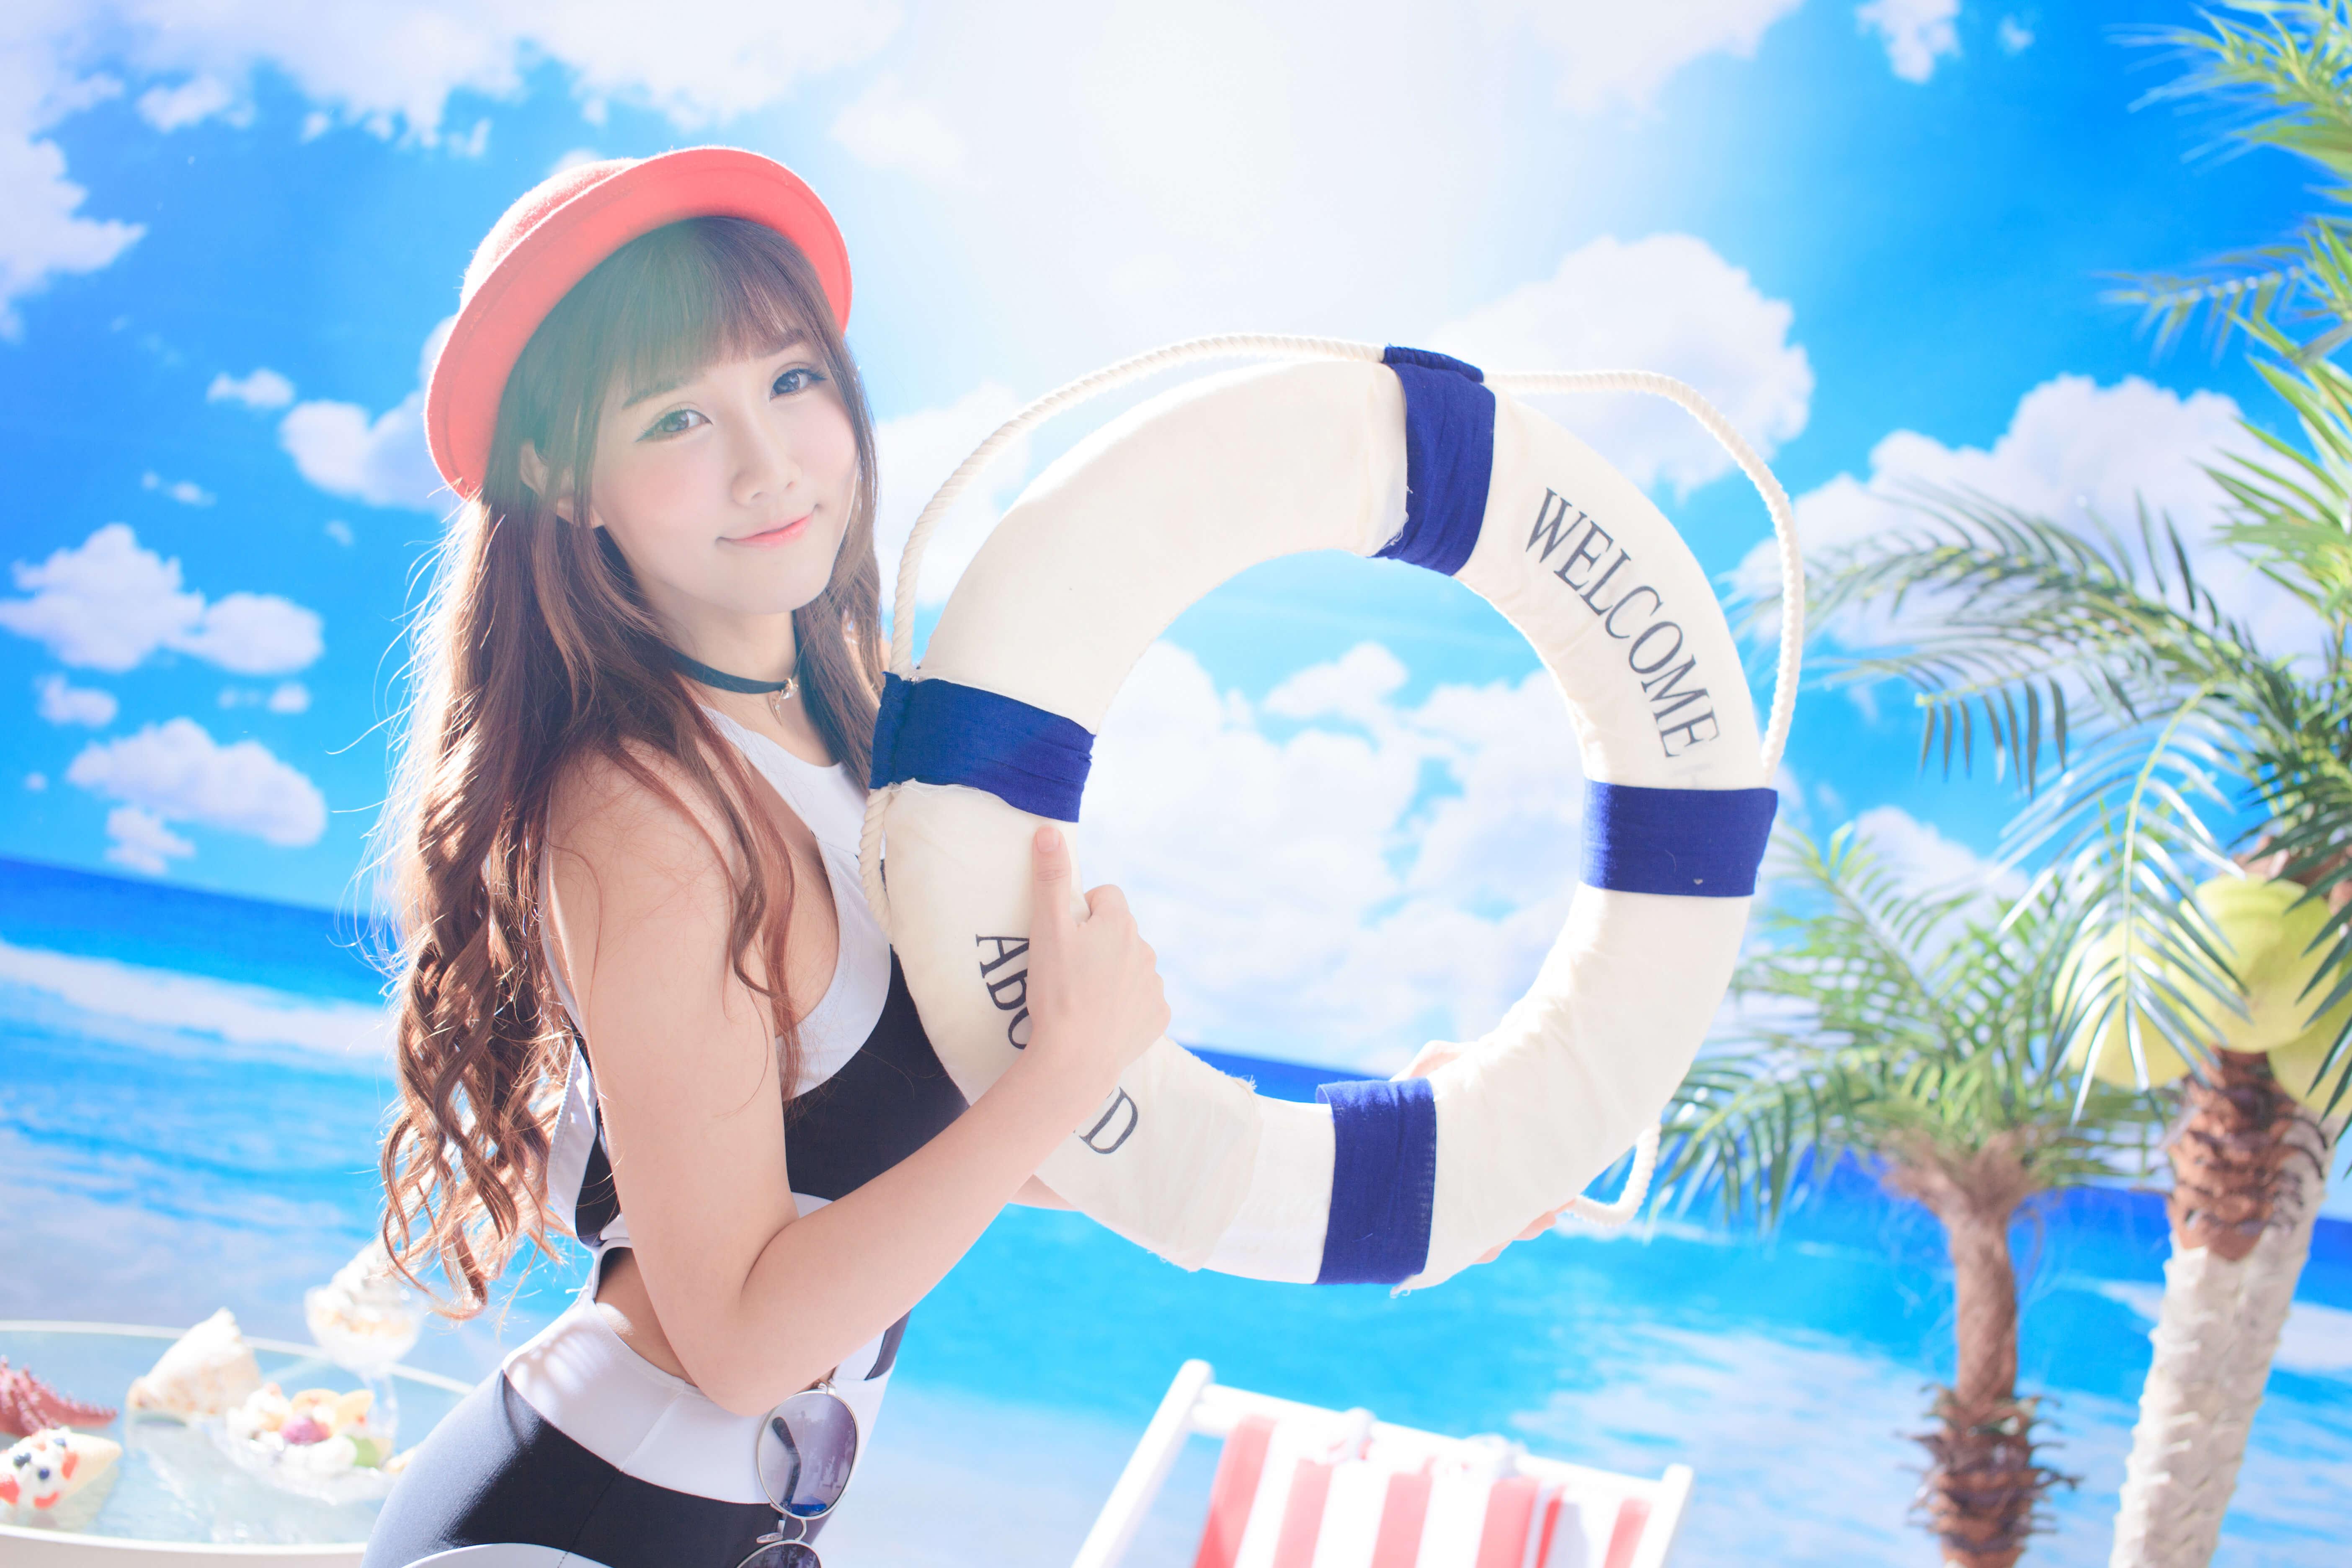 海デートを成功させるための徹底マニュアル!キュンとする夏を過ごそう♡